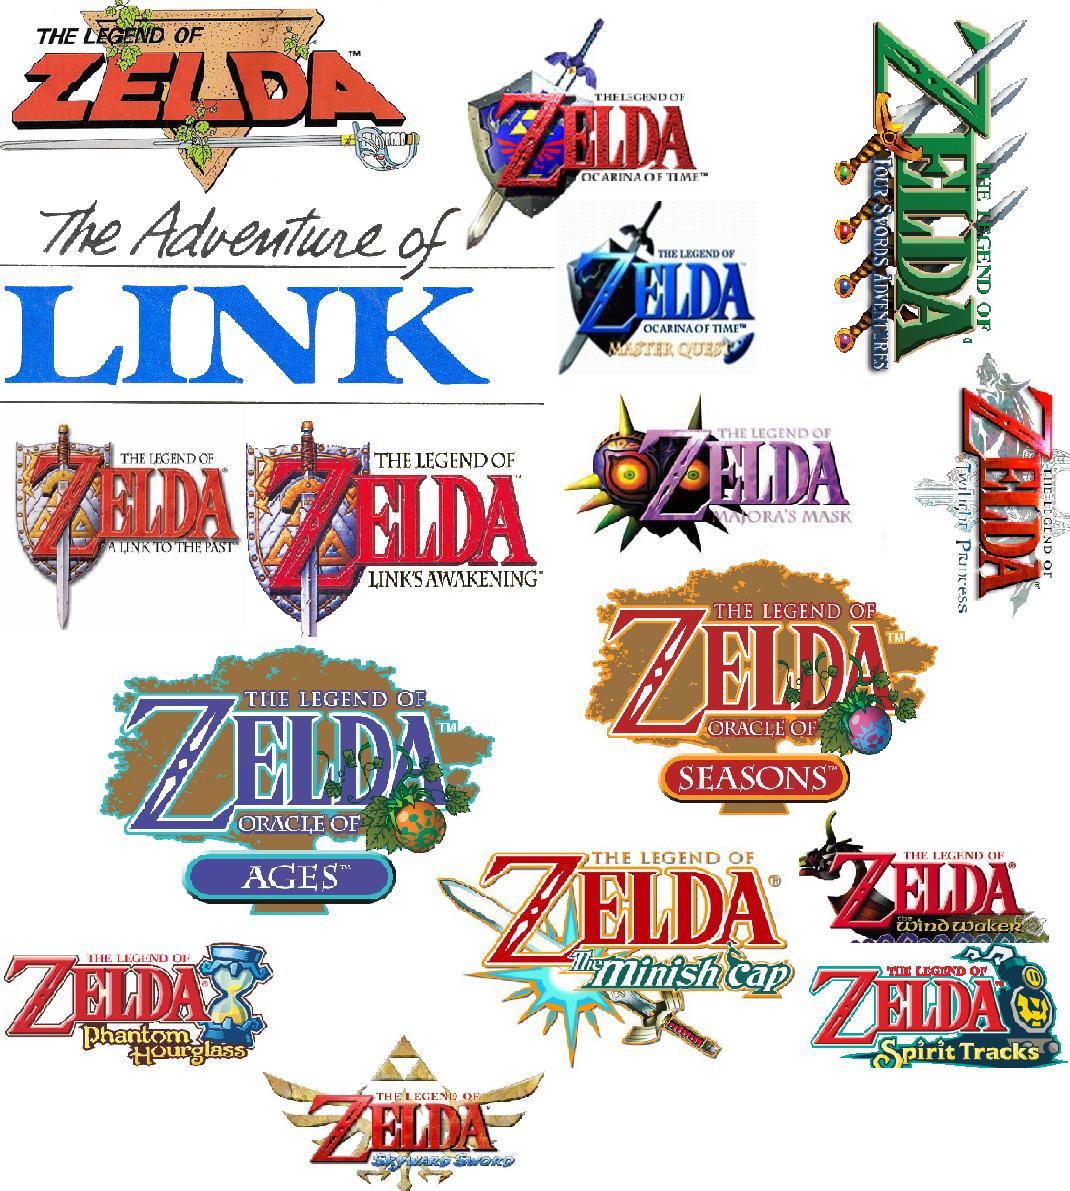 http://2.bp.blogspot.com/-jupIO6wAq2Y/TndDX45EhBI/AAAAAAAAALM/yvhCNERO-FI/s1600/All+Games.JPG